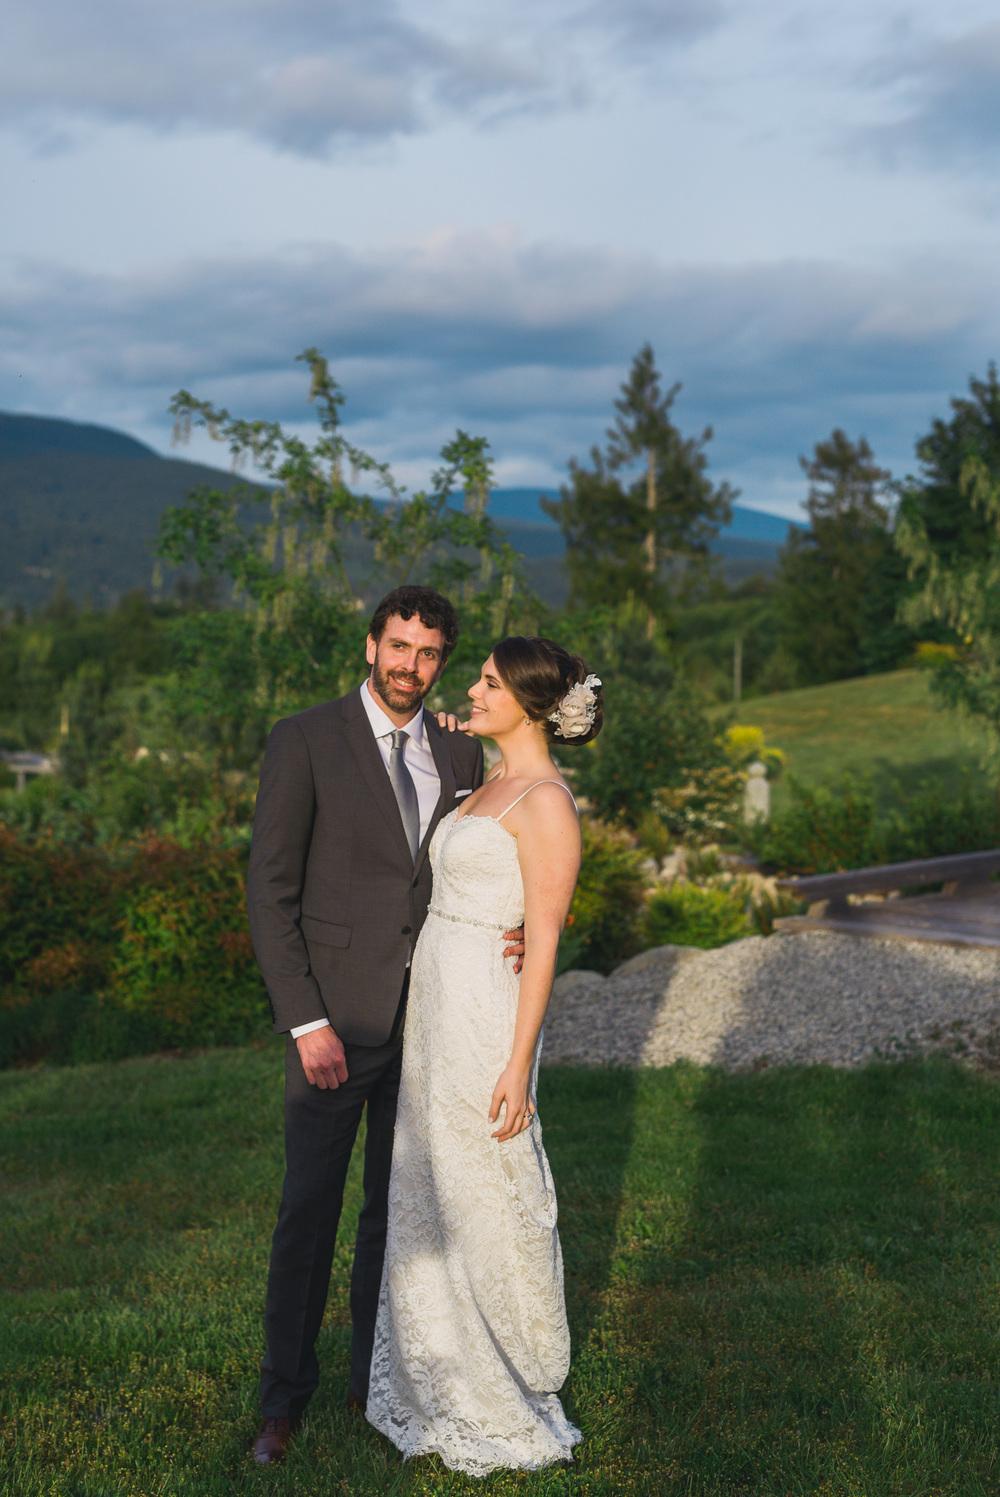 SunshineCoast-BC-Wedding-Photographer312.jpg